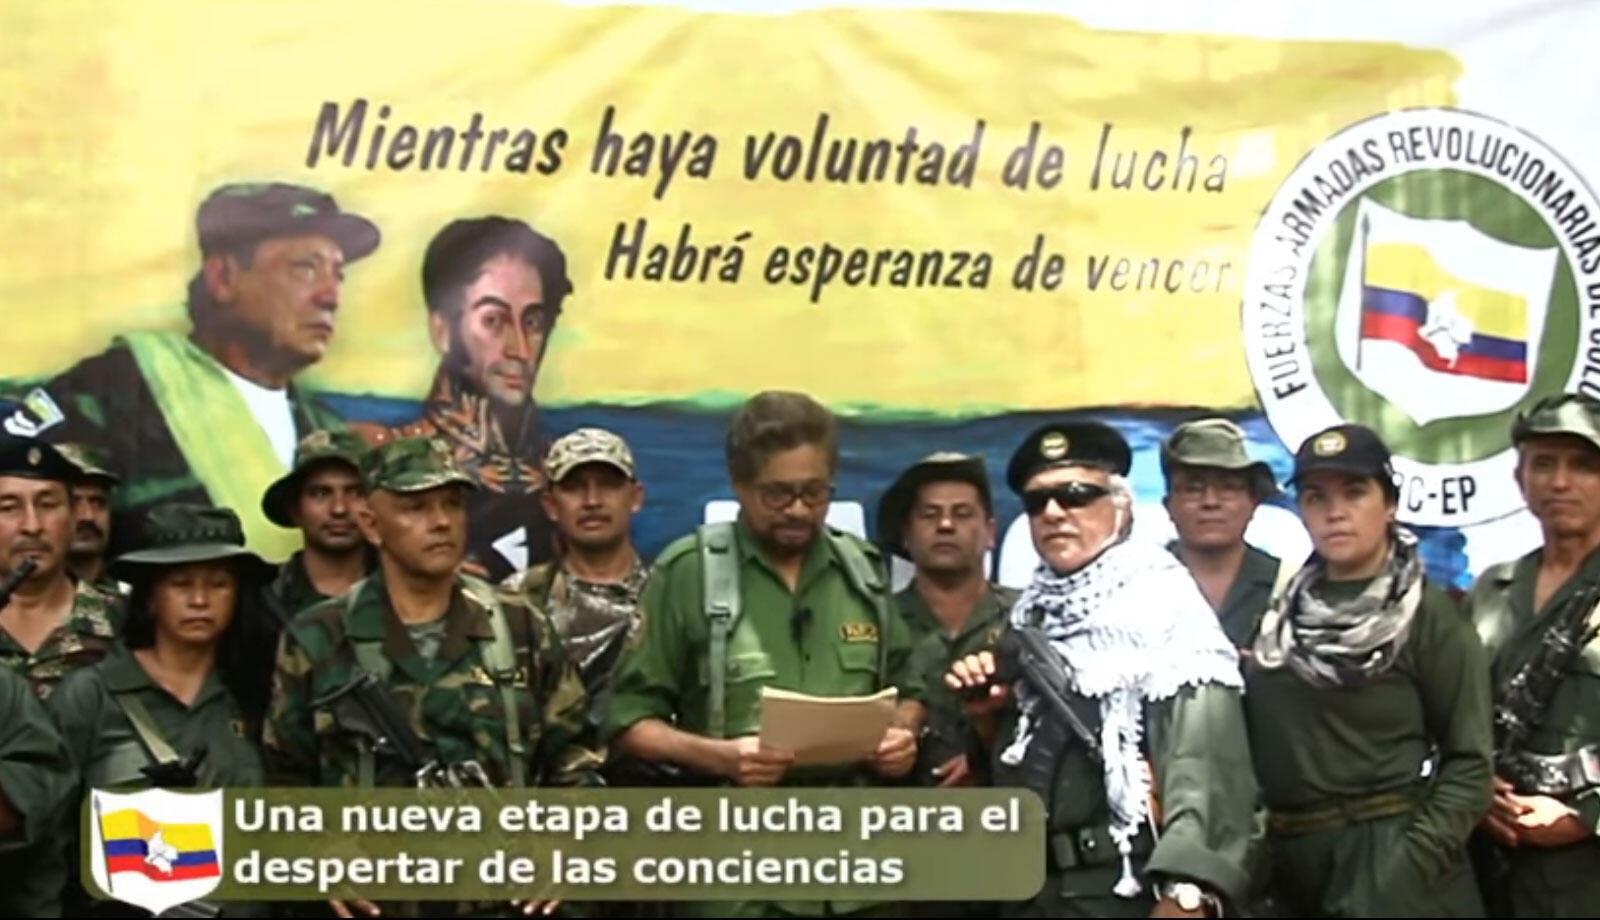 image arrêtée d'une vidéo diffusée sur youtube (www.farc-ep.info): on y voit Ivan Marquez et Jjesus Santrich